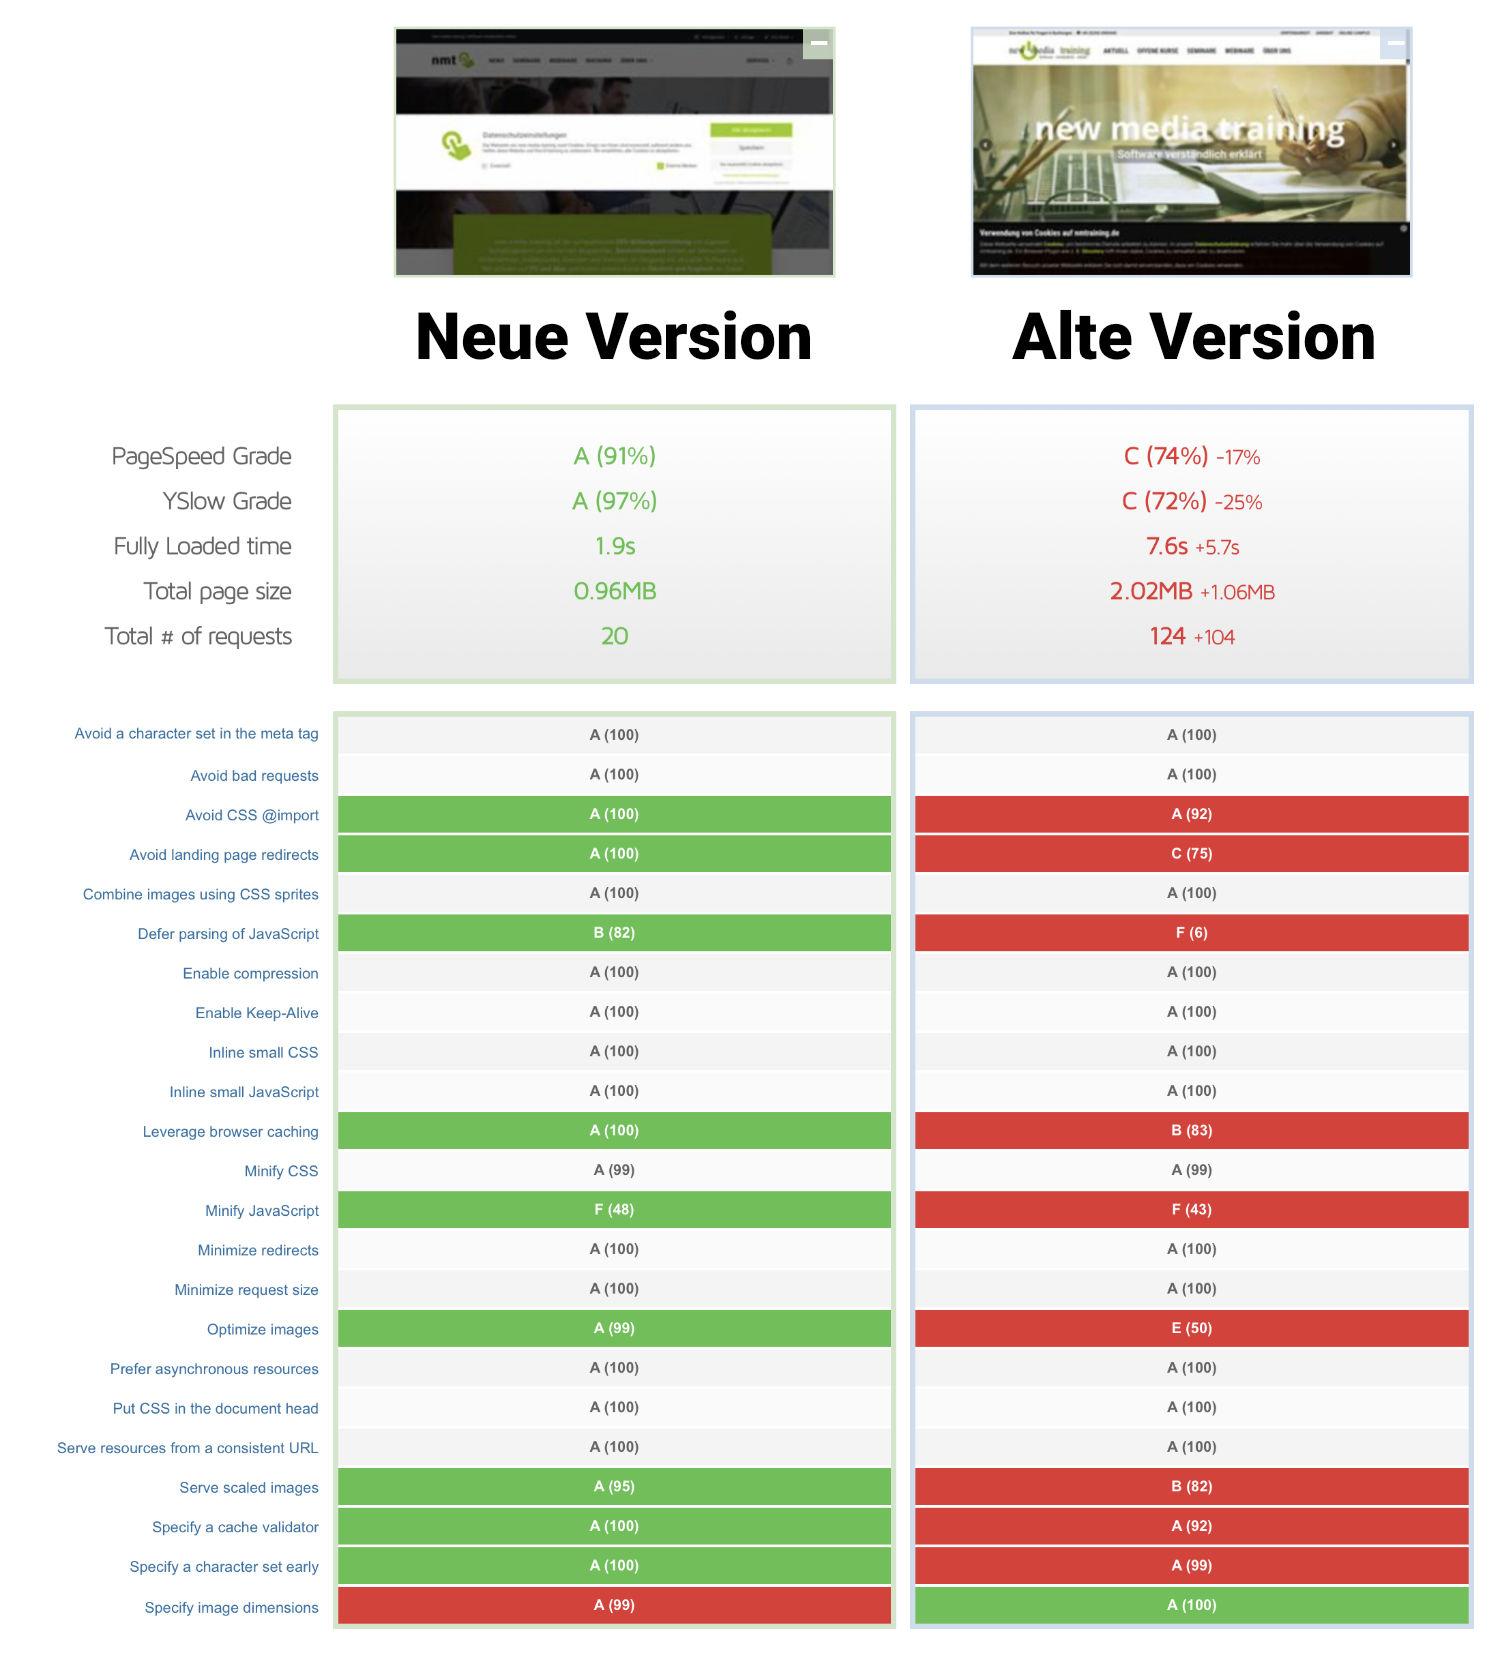 In einem Diagramm werden die Geschwindigkeiten der alten und neuen Homepage miteinander verglichen. Die neue Version ist um ein Vielfaches schneller.